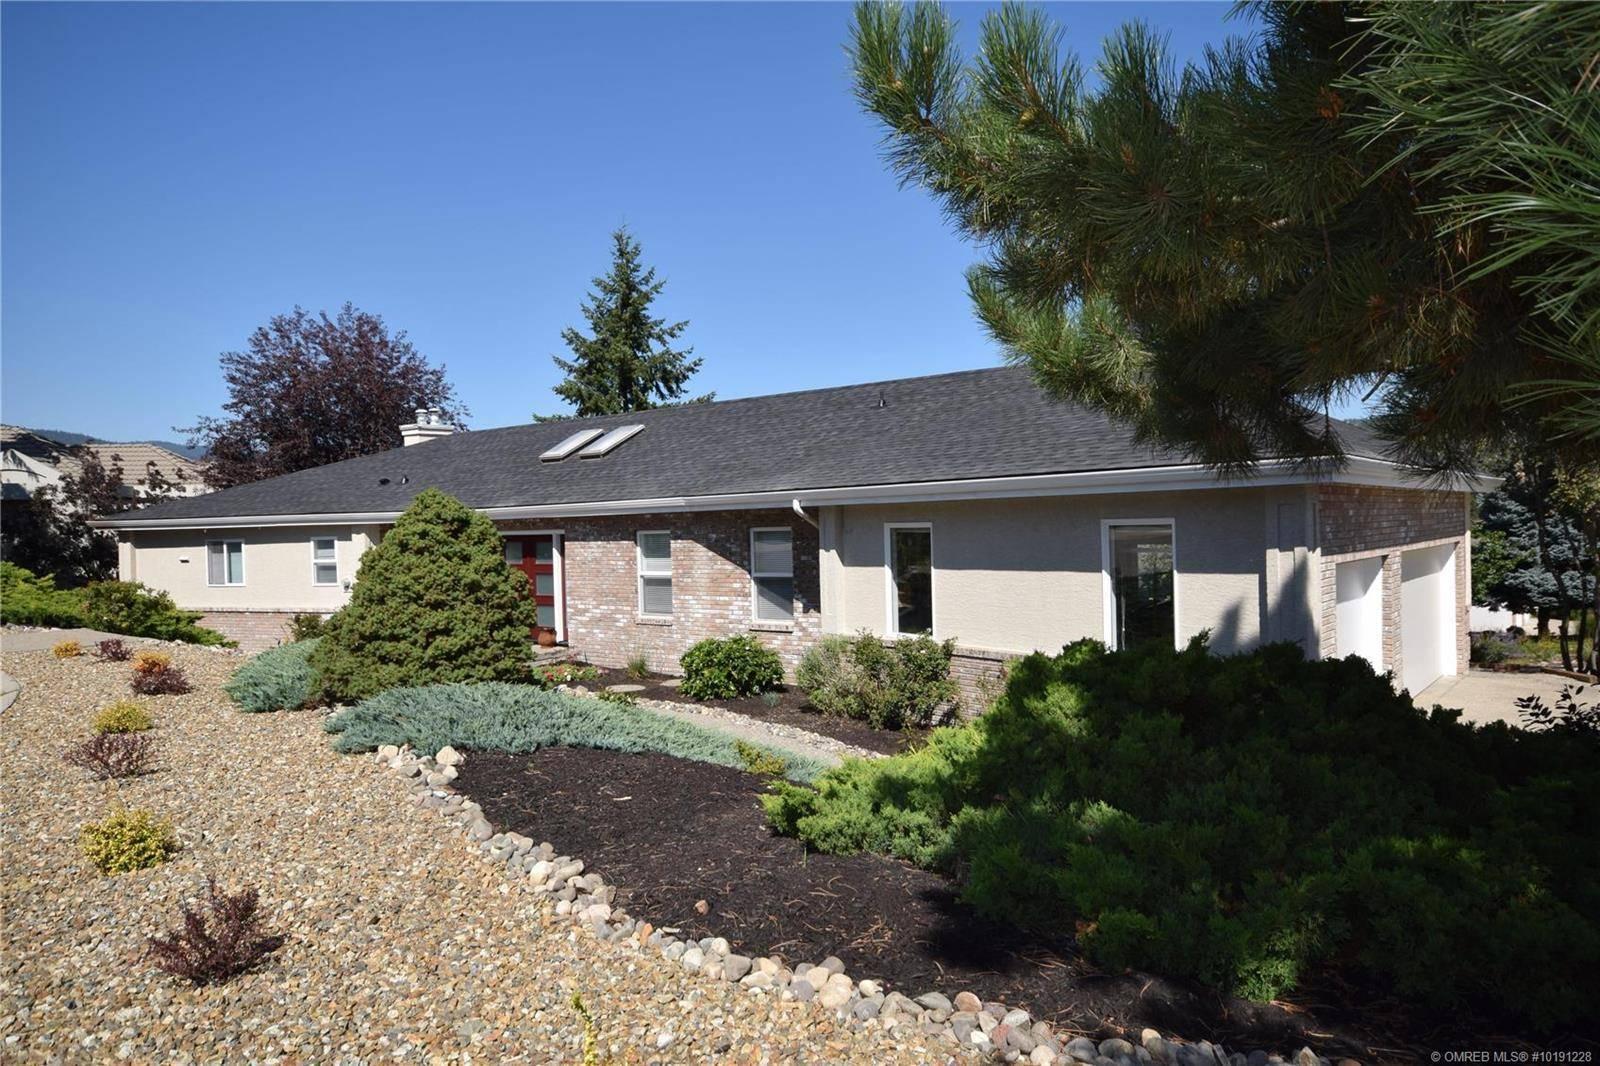 House for sale at 226 Caliburn Ct Kelowna British Columbia - MLS: 10191228